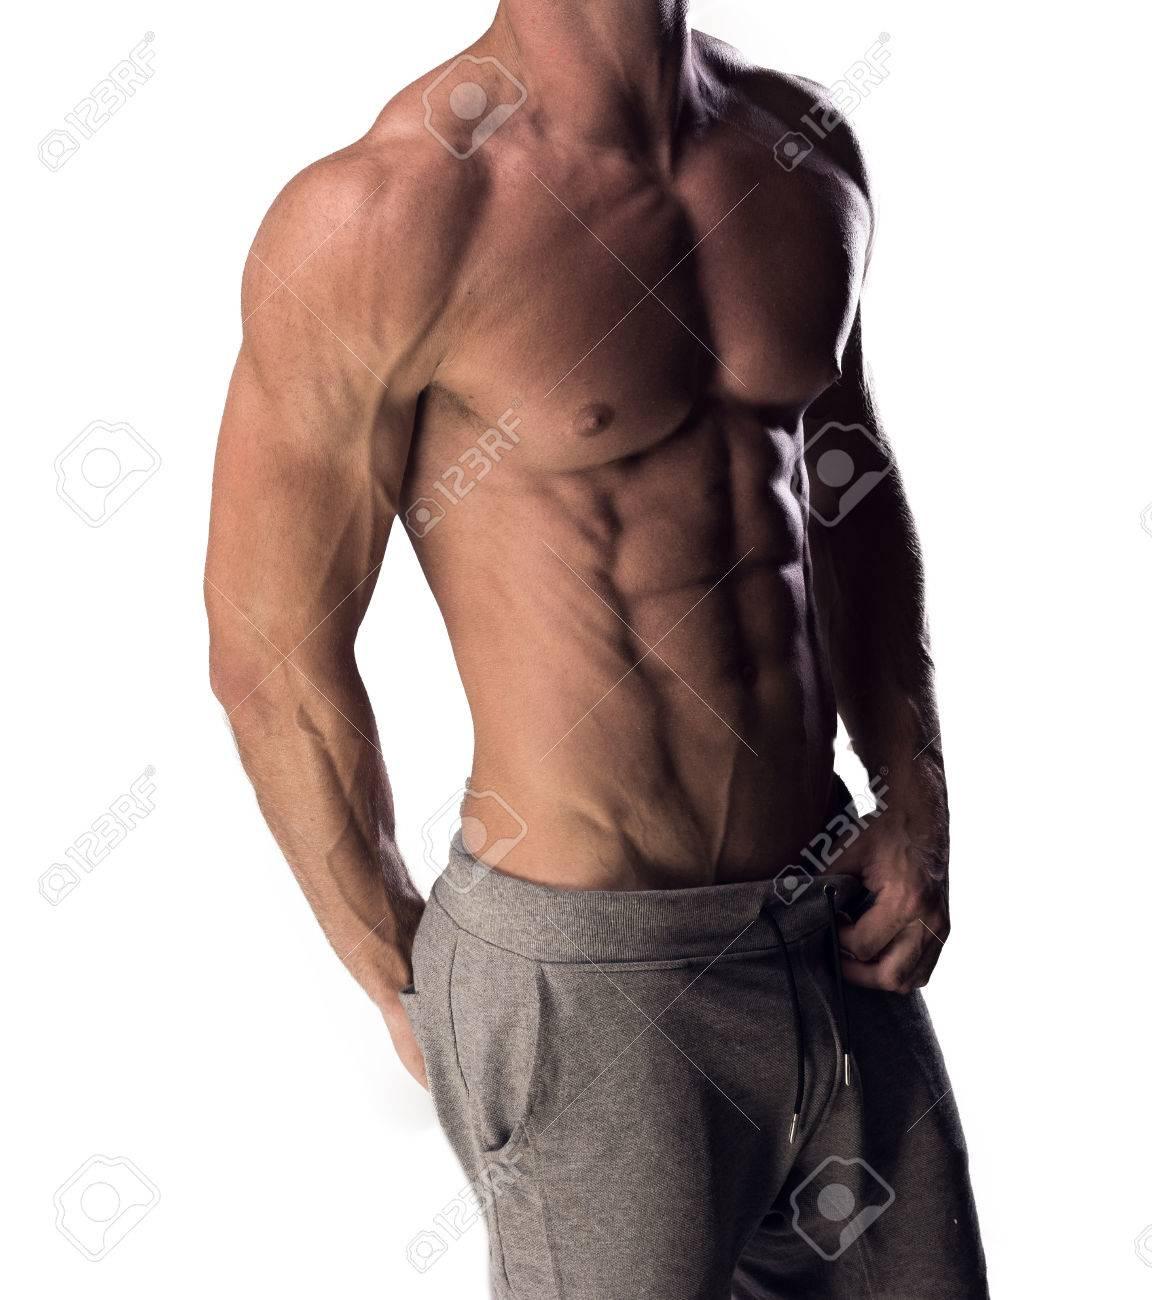 best place new york outlet for sale Vue du torse d'un homme torse nu sexy anonyme avec un physique musclé  tonique debout avec son corps tourné à un angle isolé sur blanc